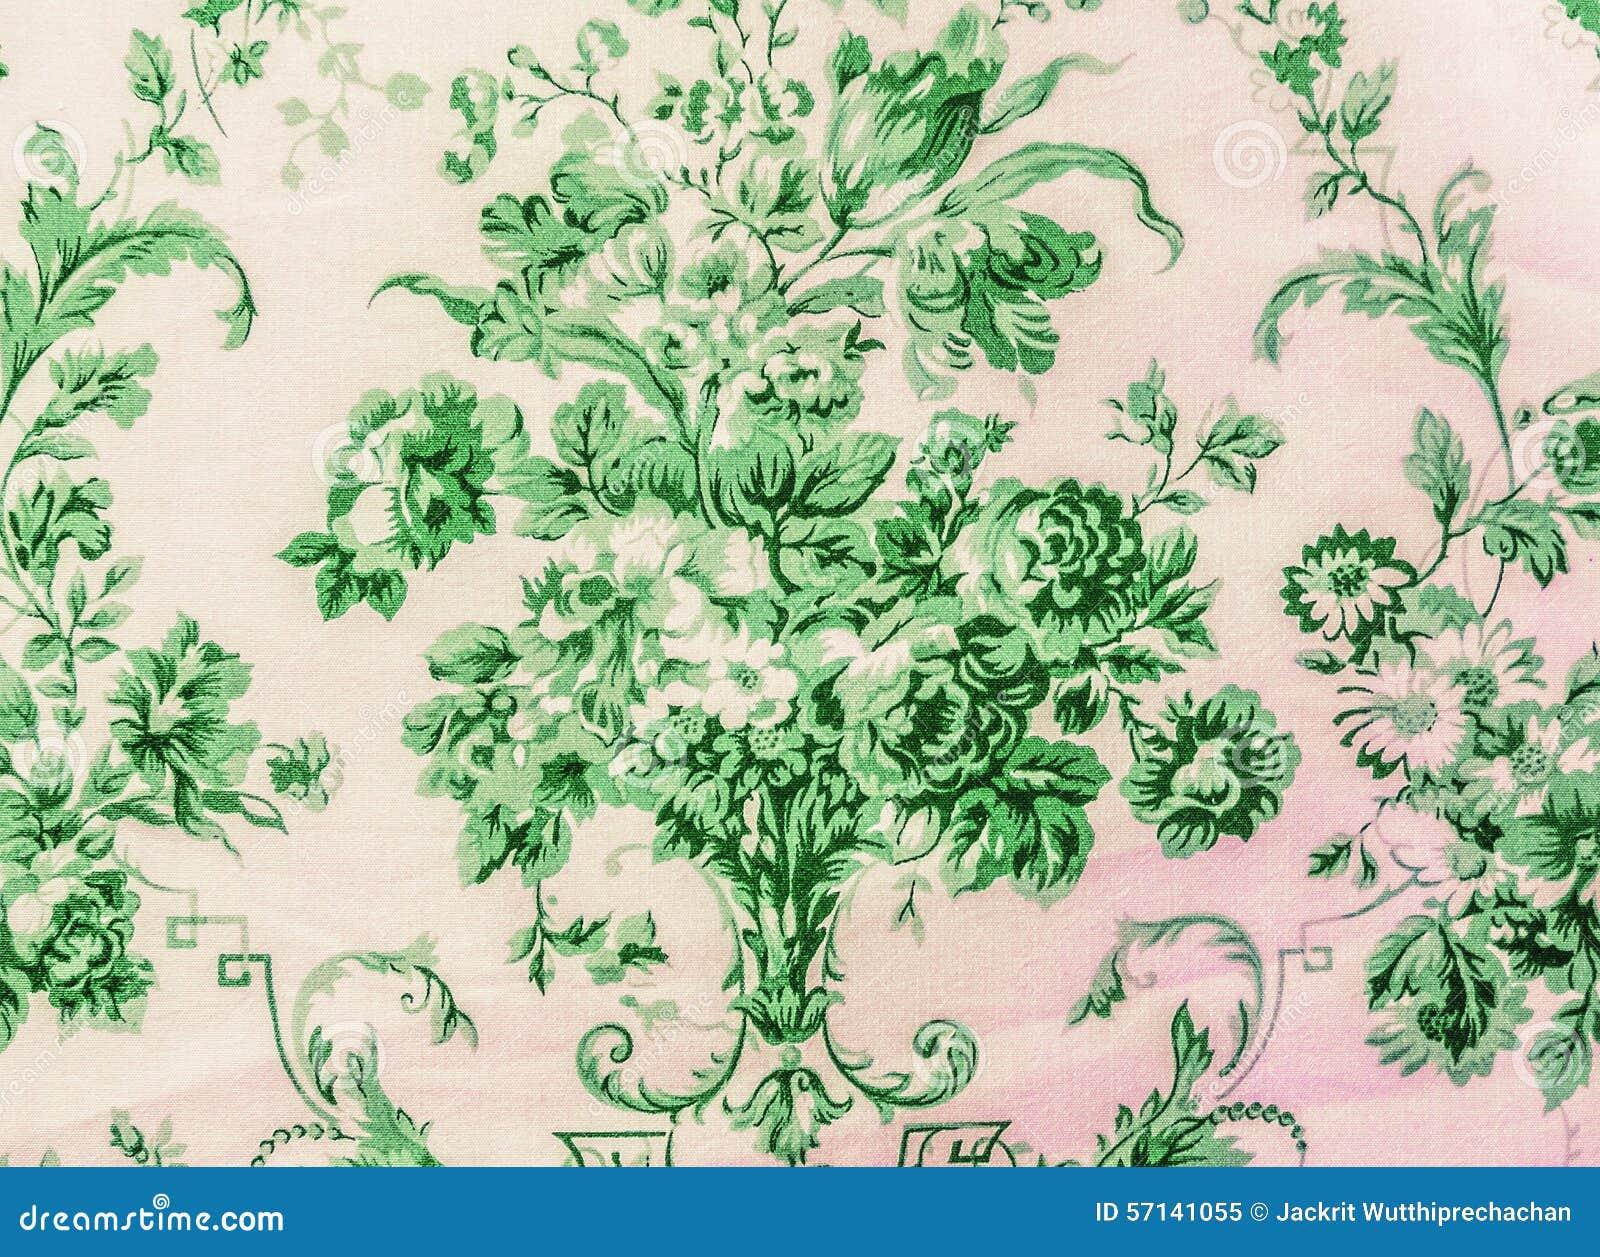 Vintage Stoffen Tassen : Retro de stoffen van het kant bloemen naadloze patroon